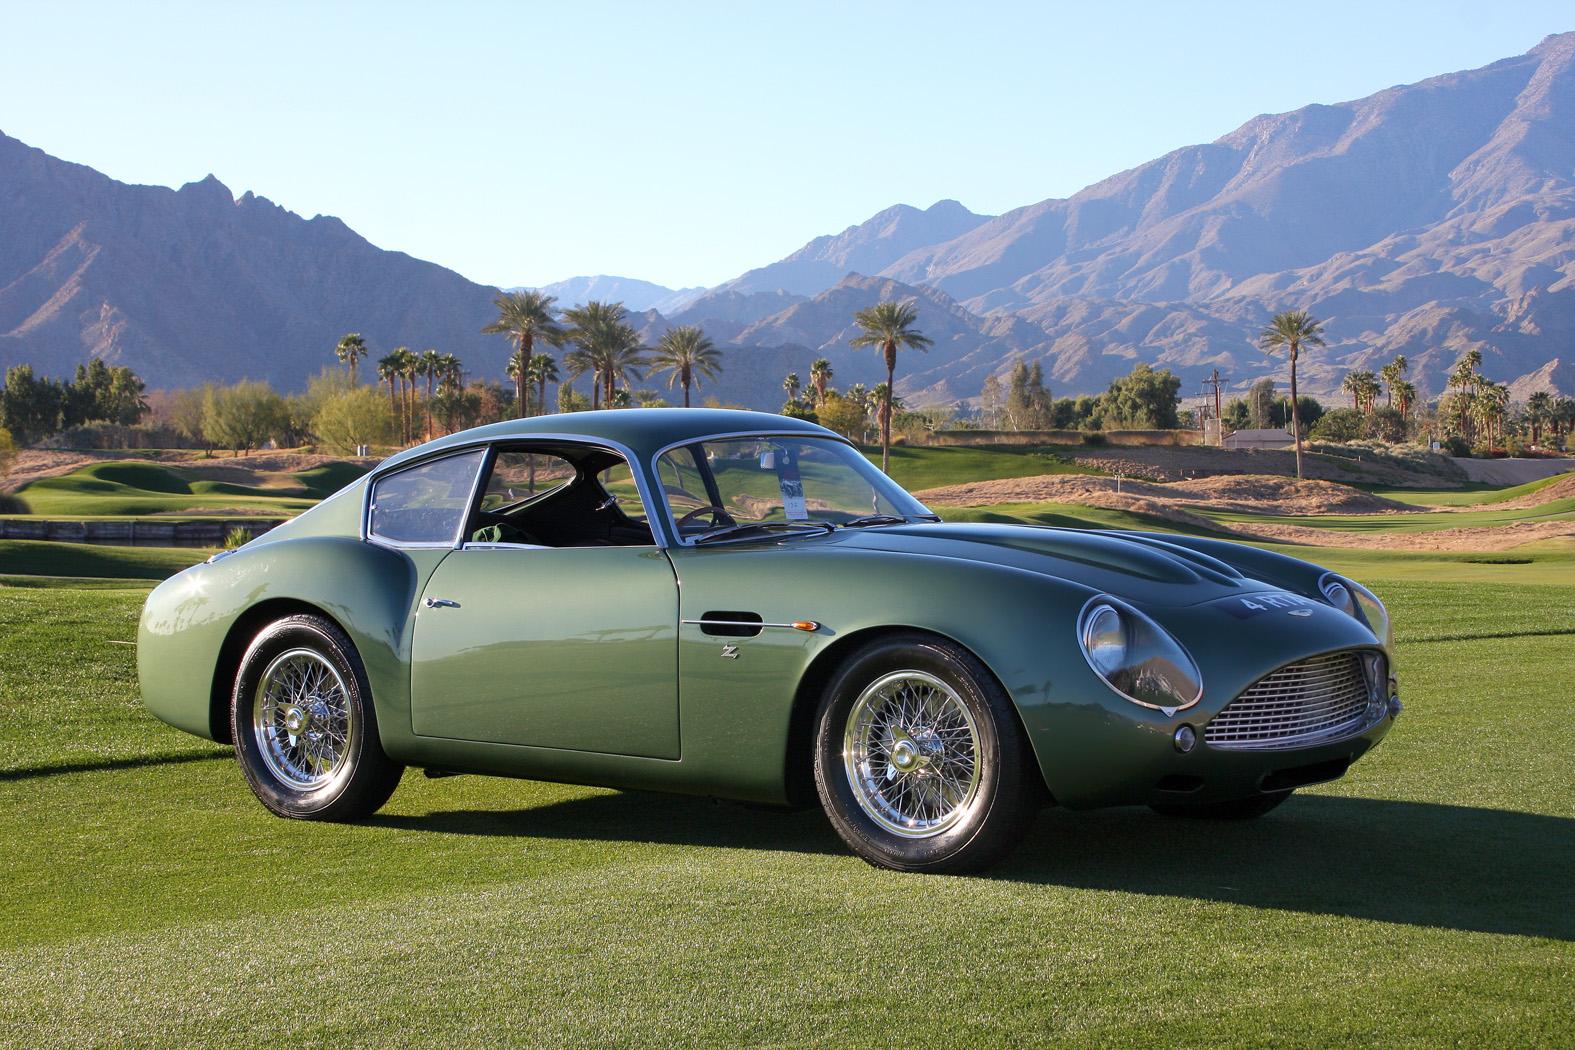 Aston Martin Db4 Gt Zagato Wikipedia